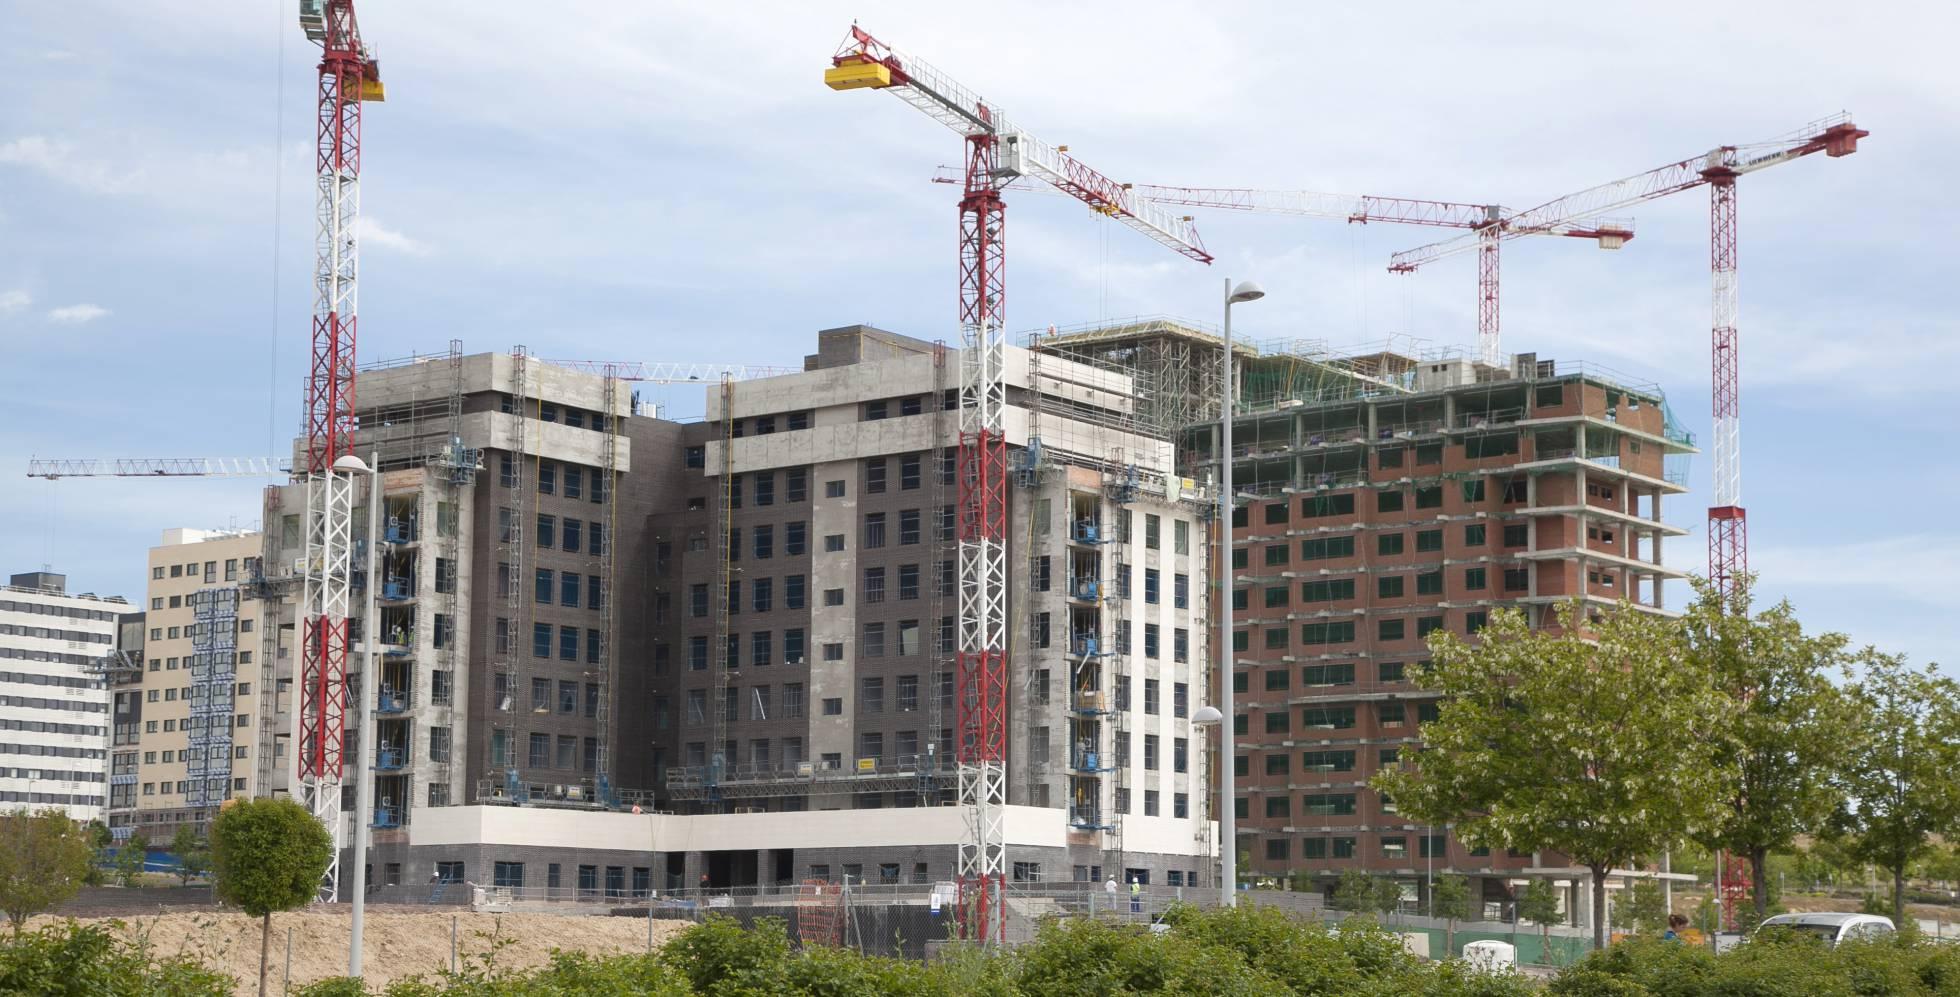 El gasto público en vivienda ha caído un 80% en diez años